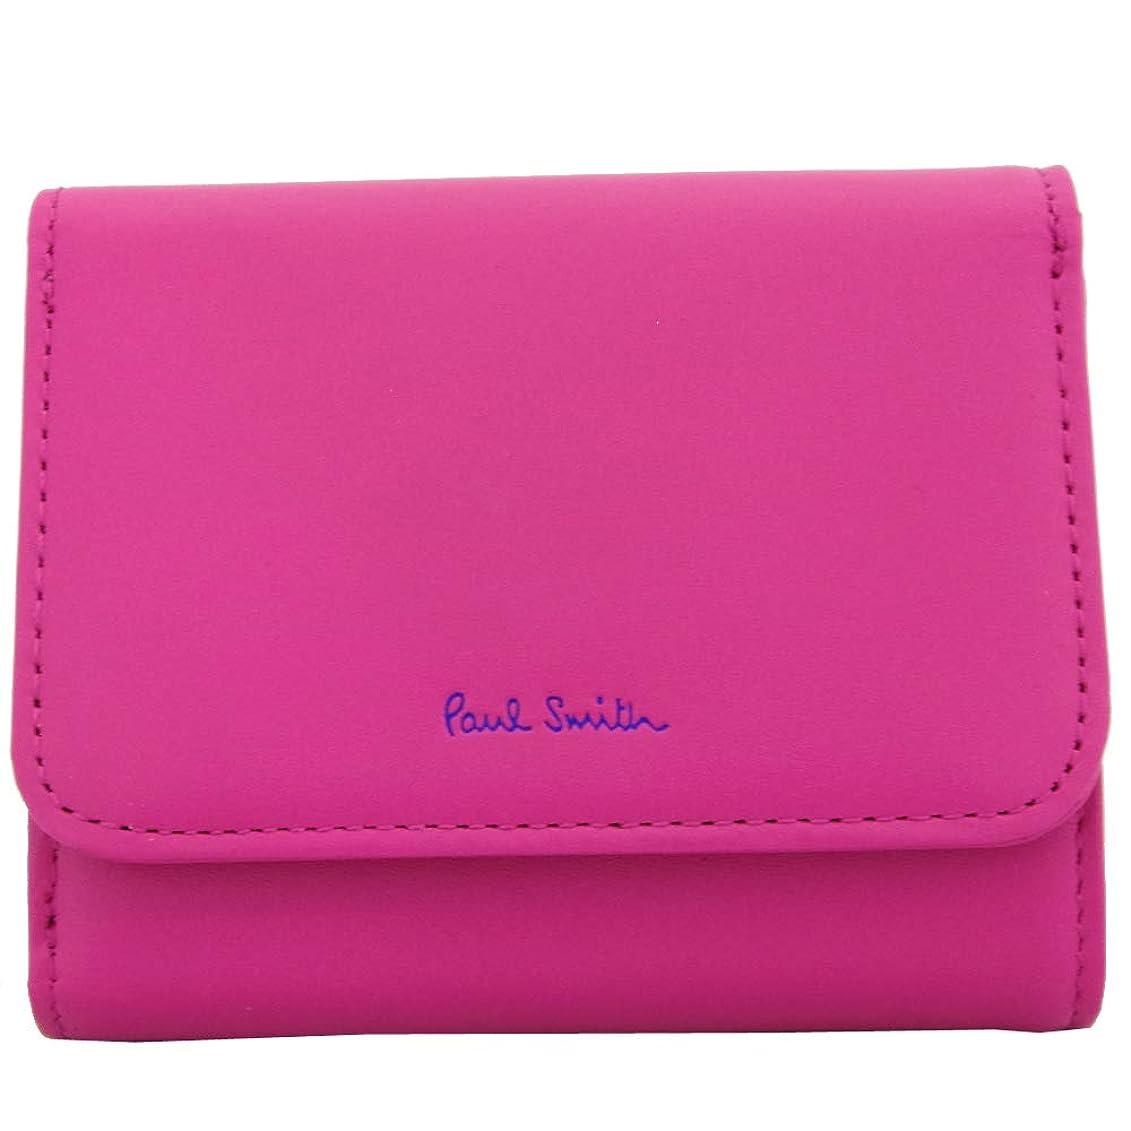 講義統合グレートオークPaul Smith(ポールスミス)三つ折り財布 ピンク